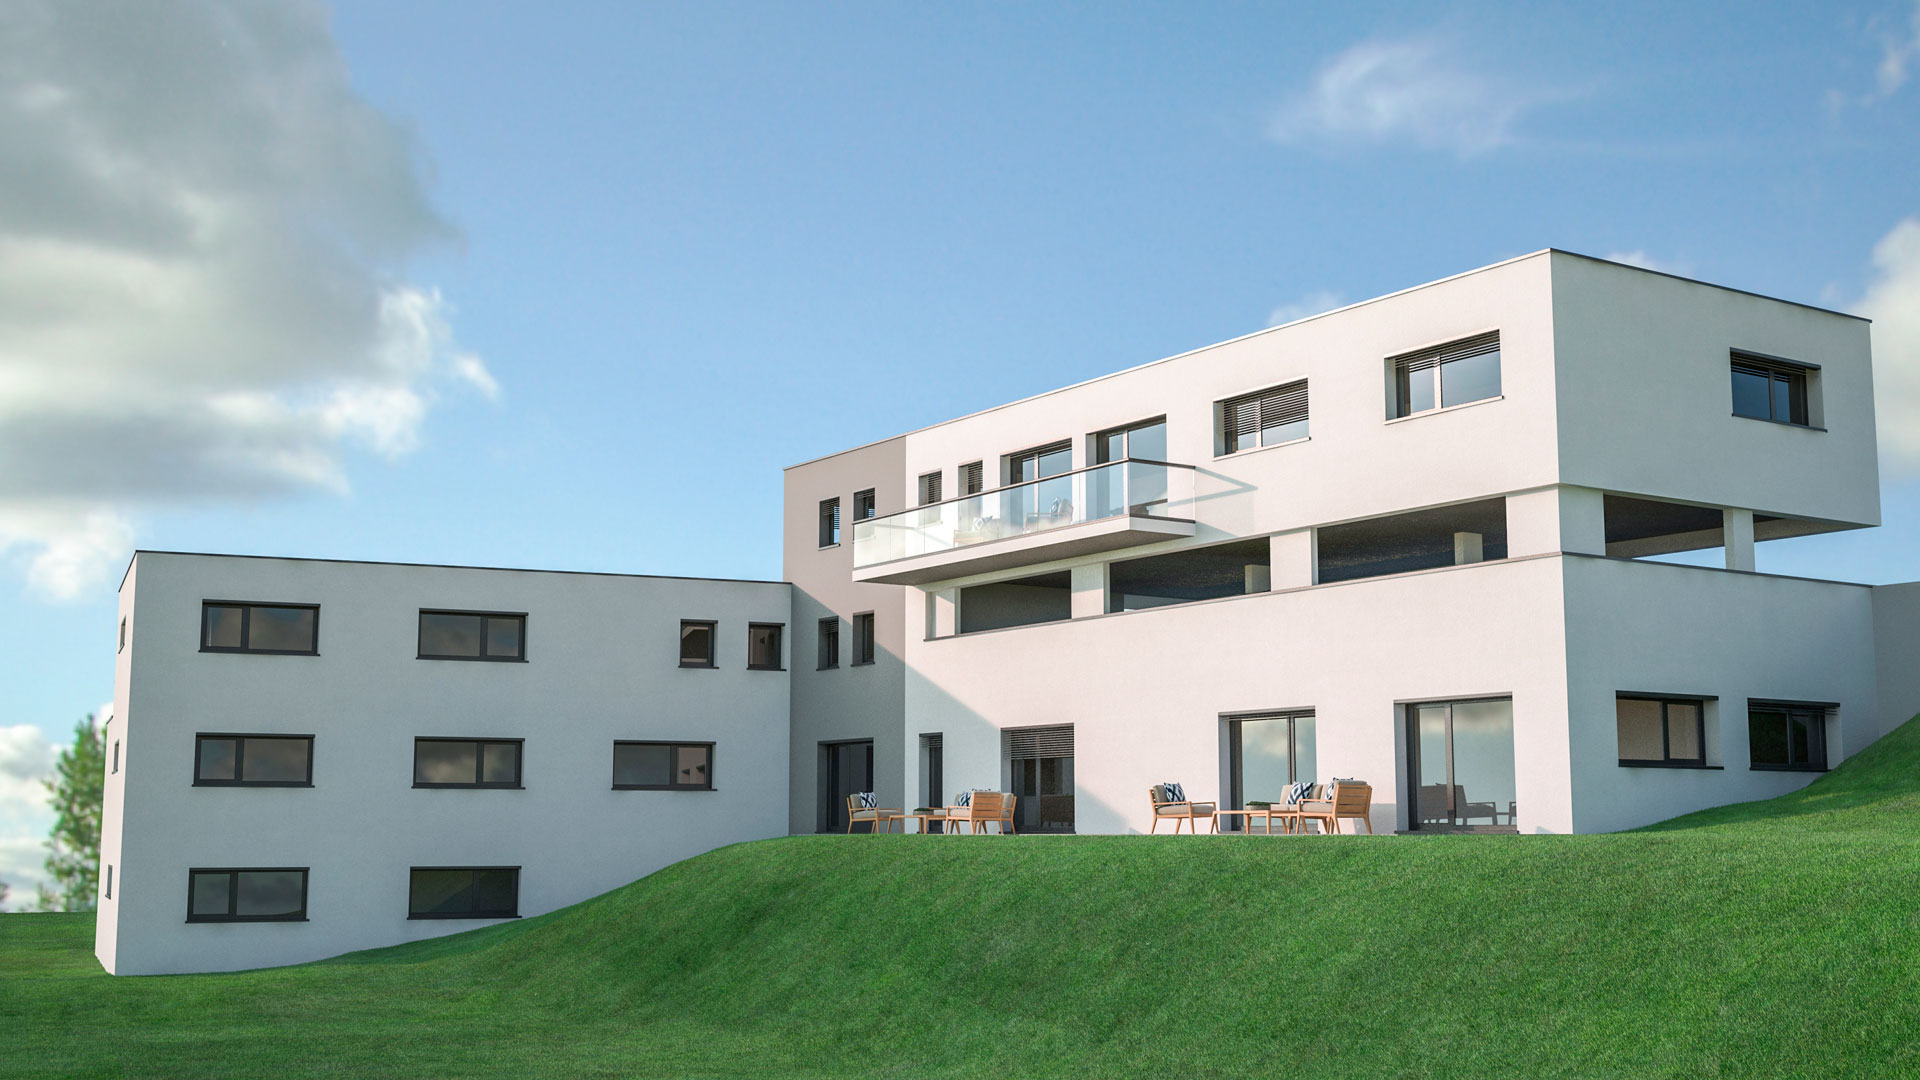 C3 Concept, visualisation 3D architecture à Bulle. Giffers extérieurs